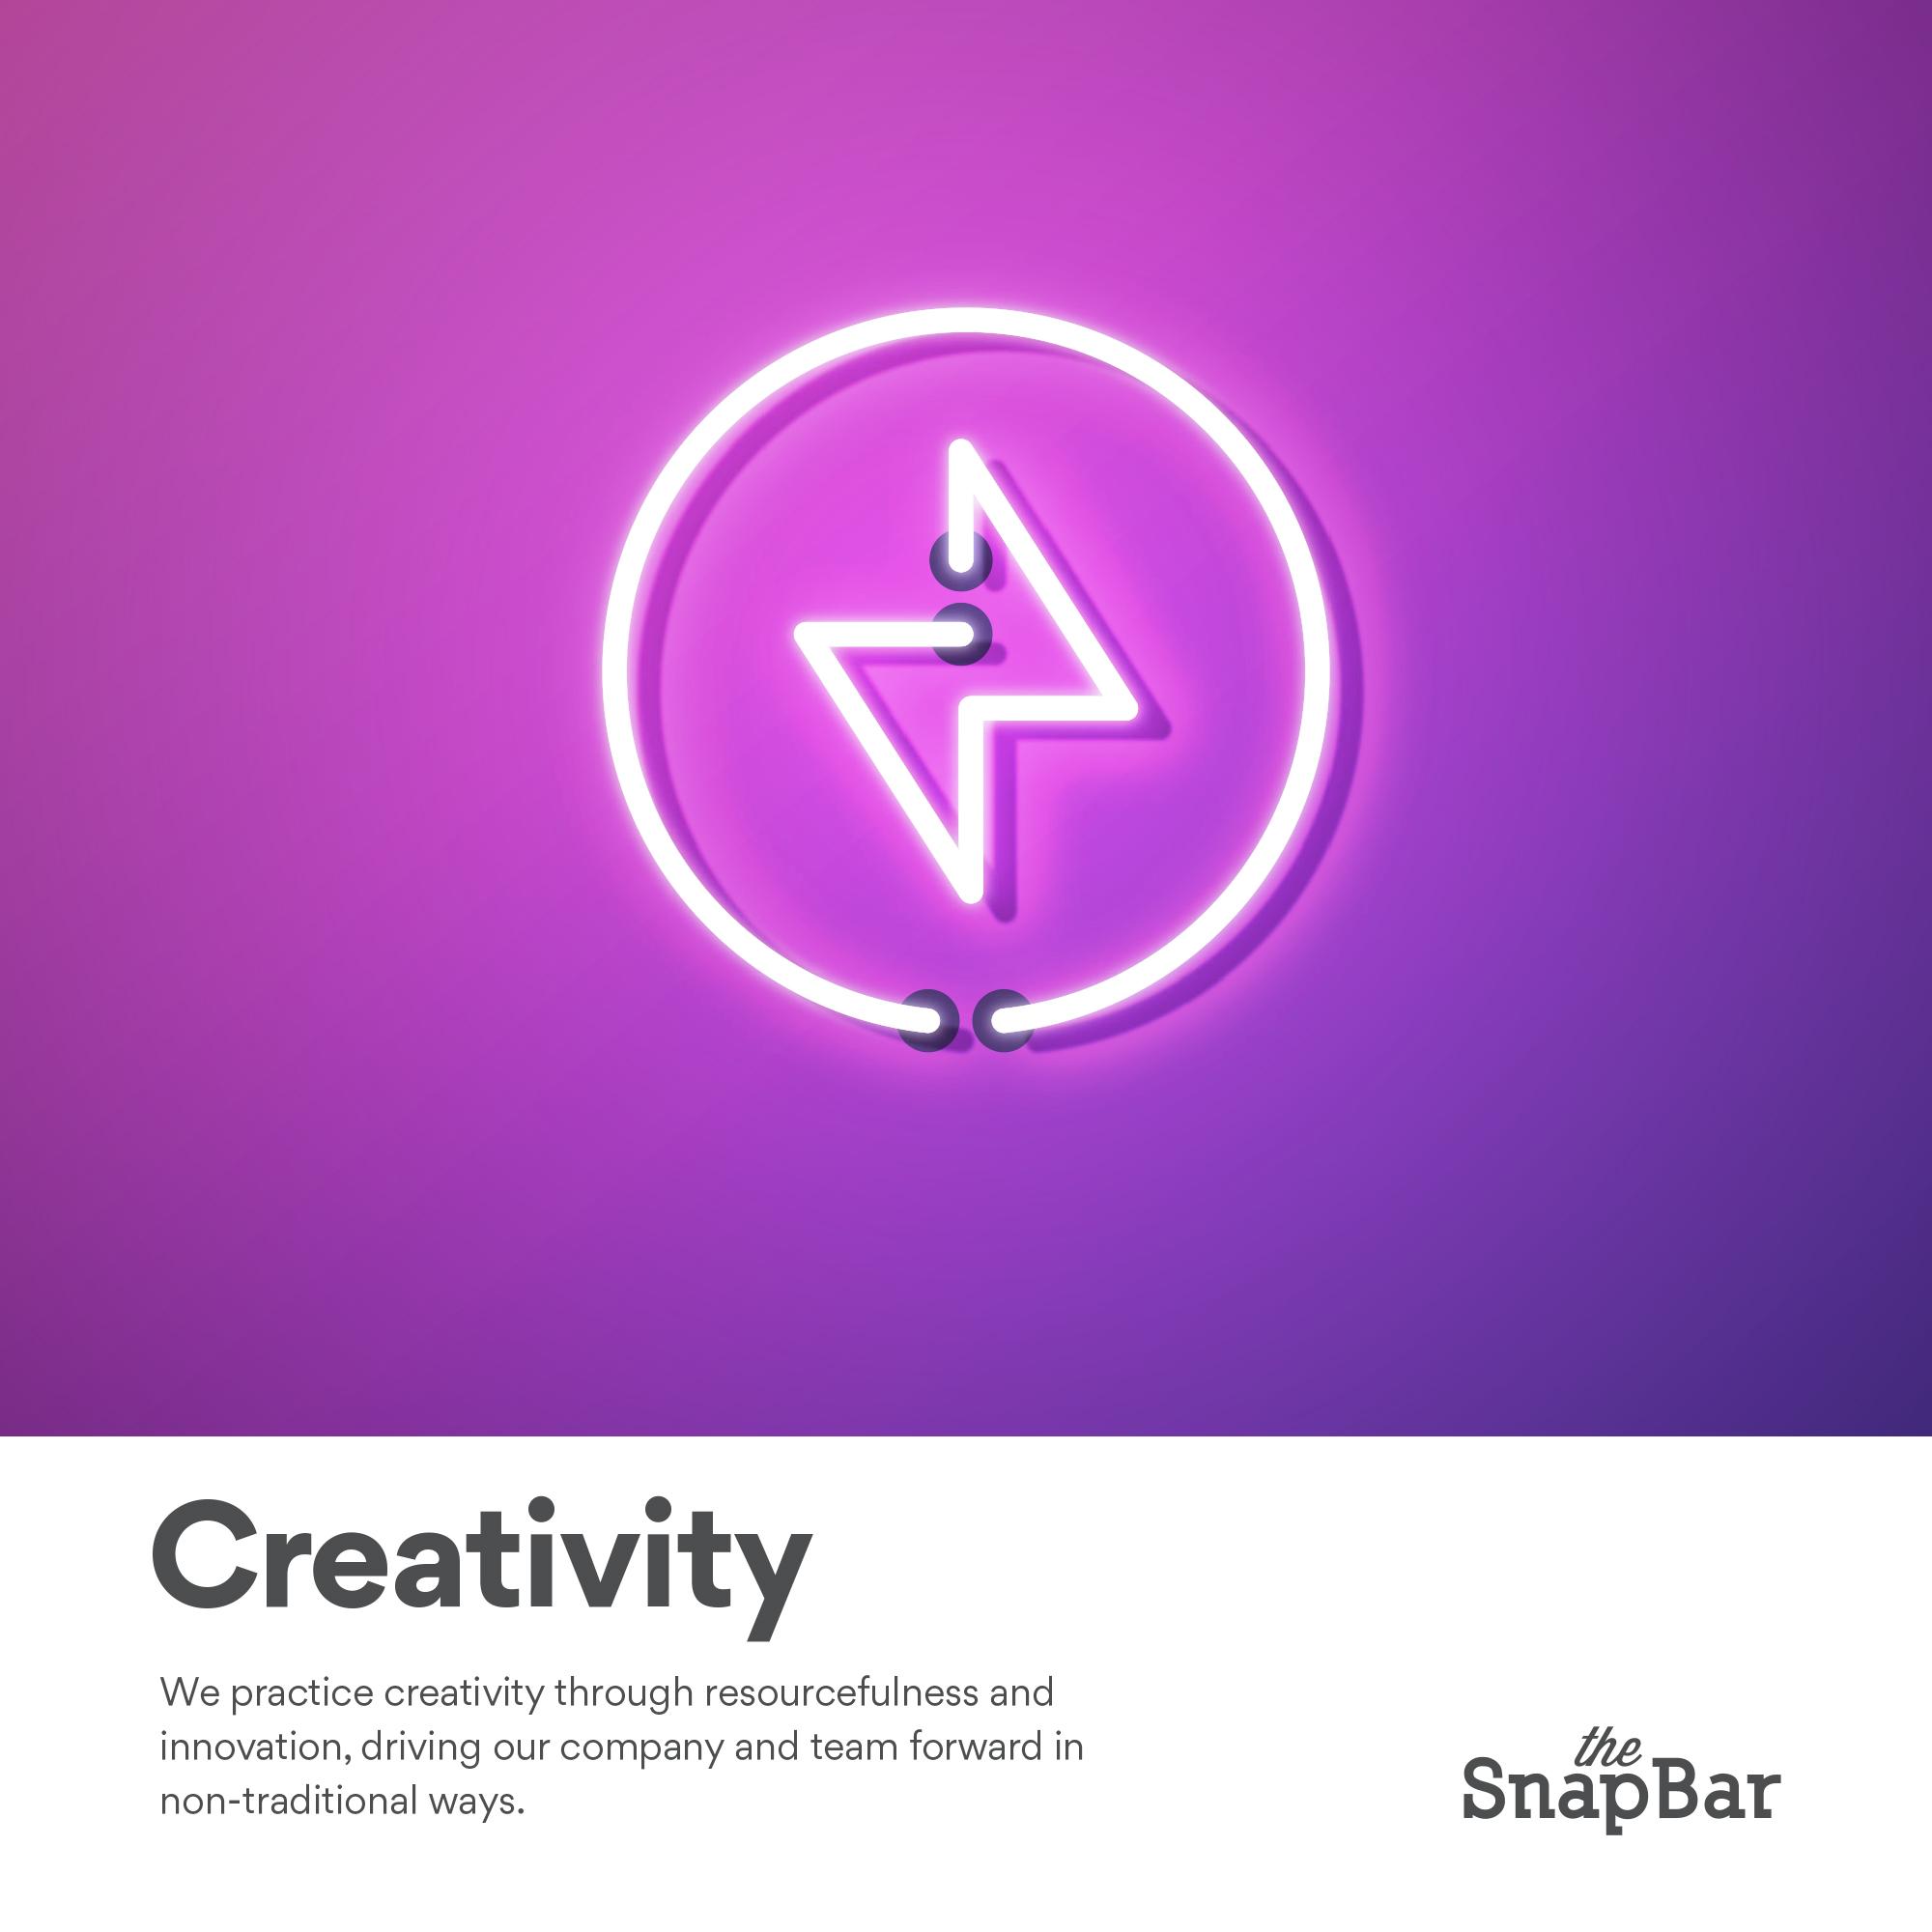 The SnapBar Core Values Creativity